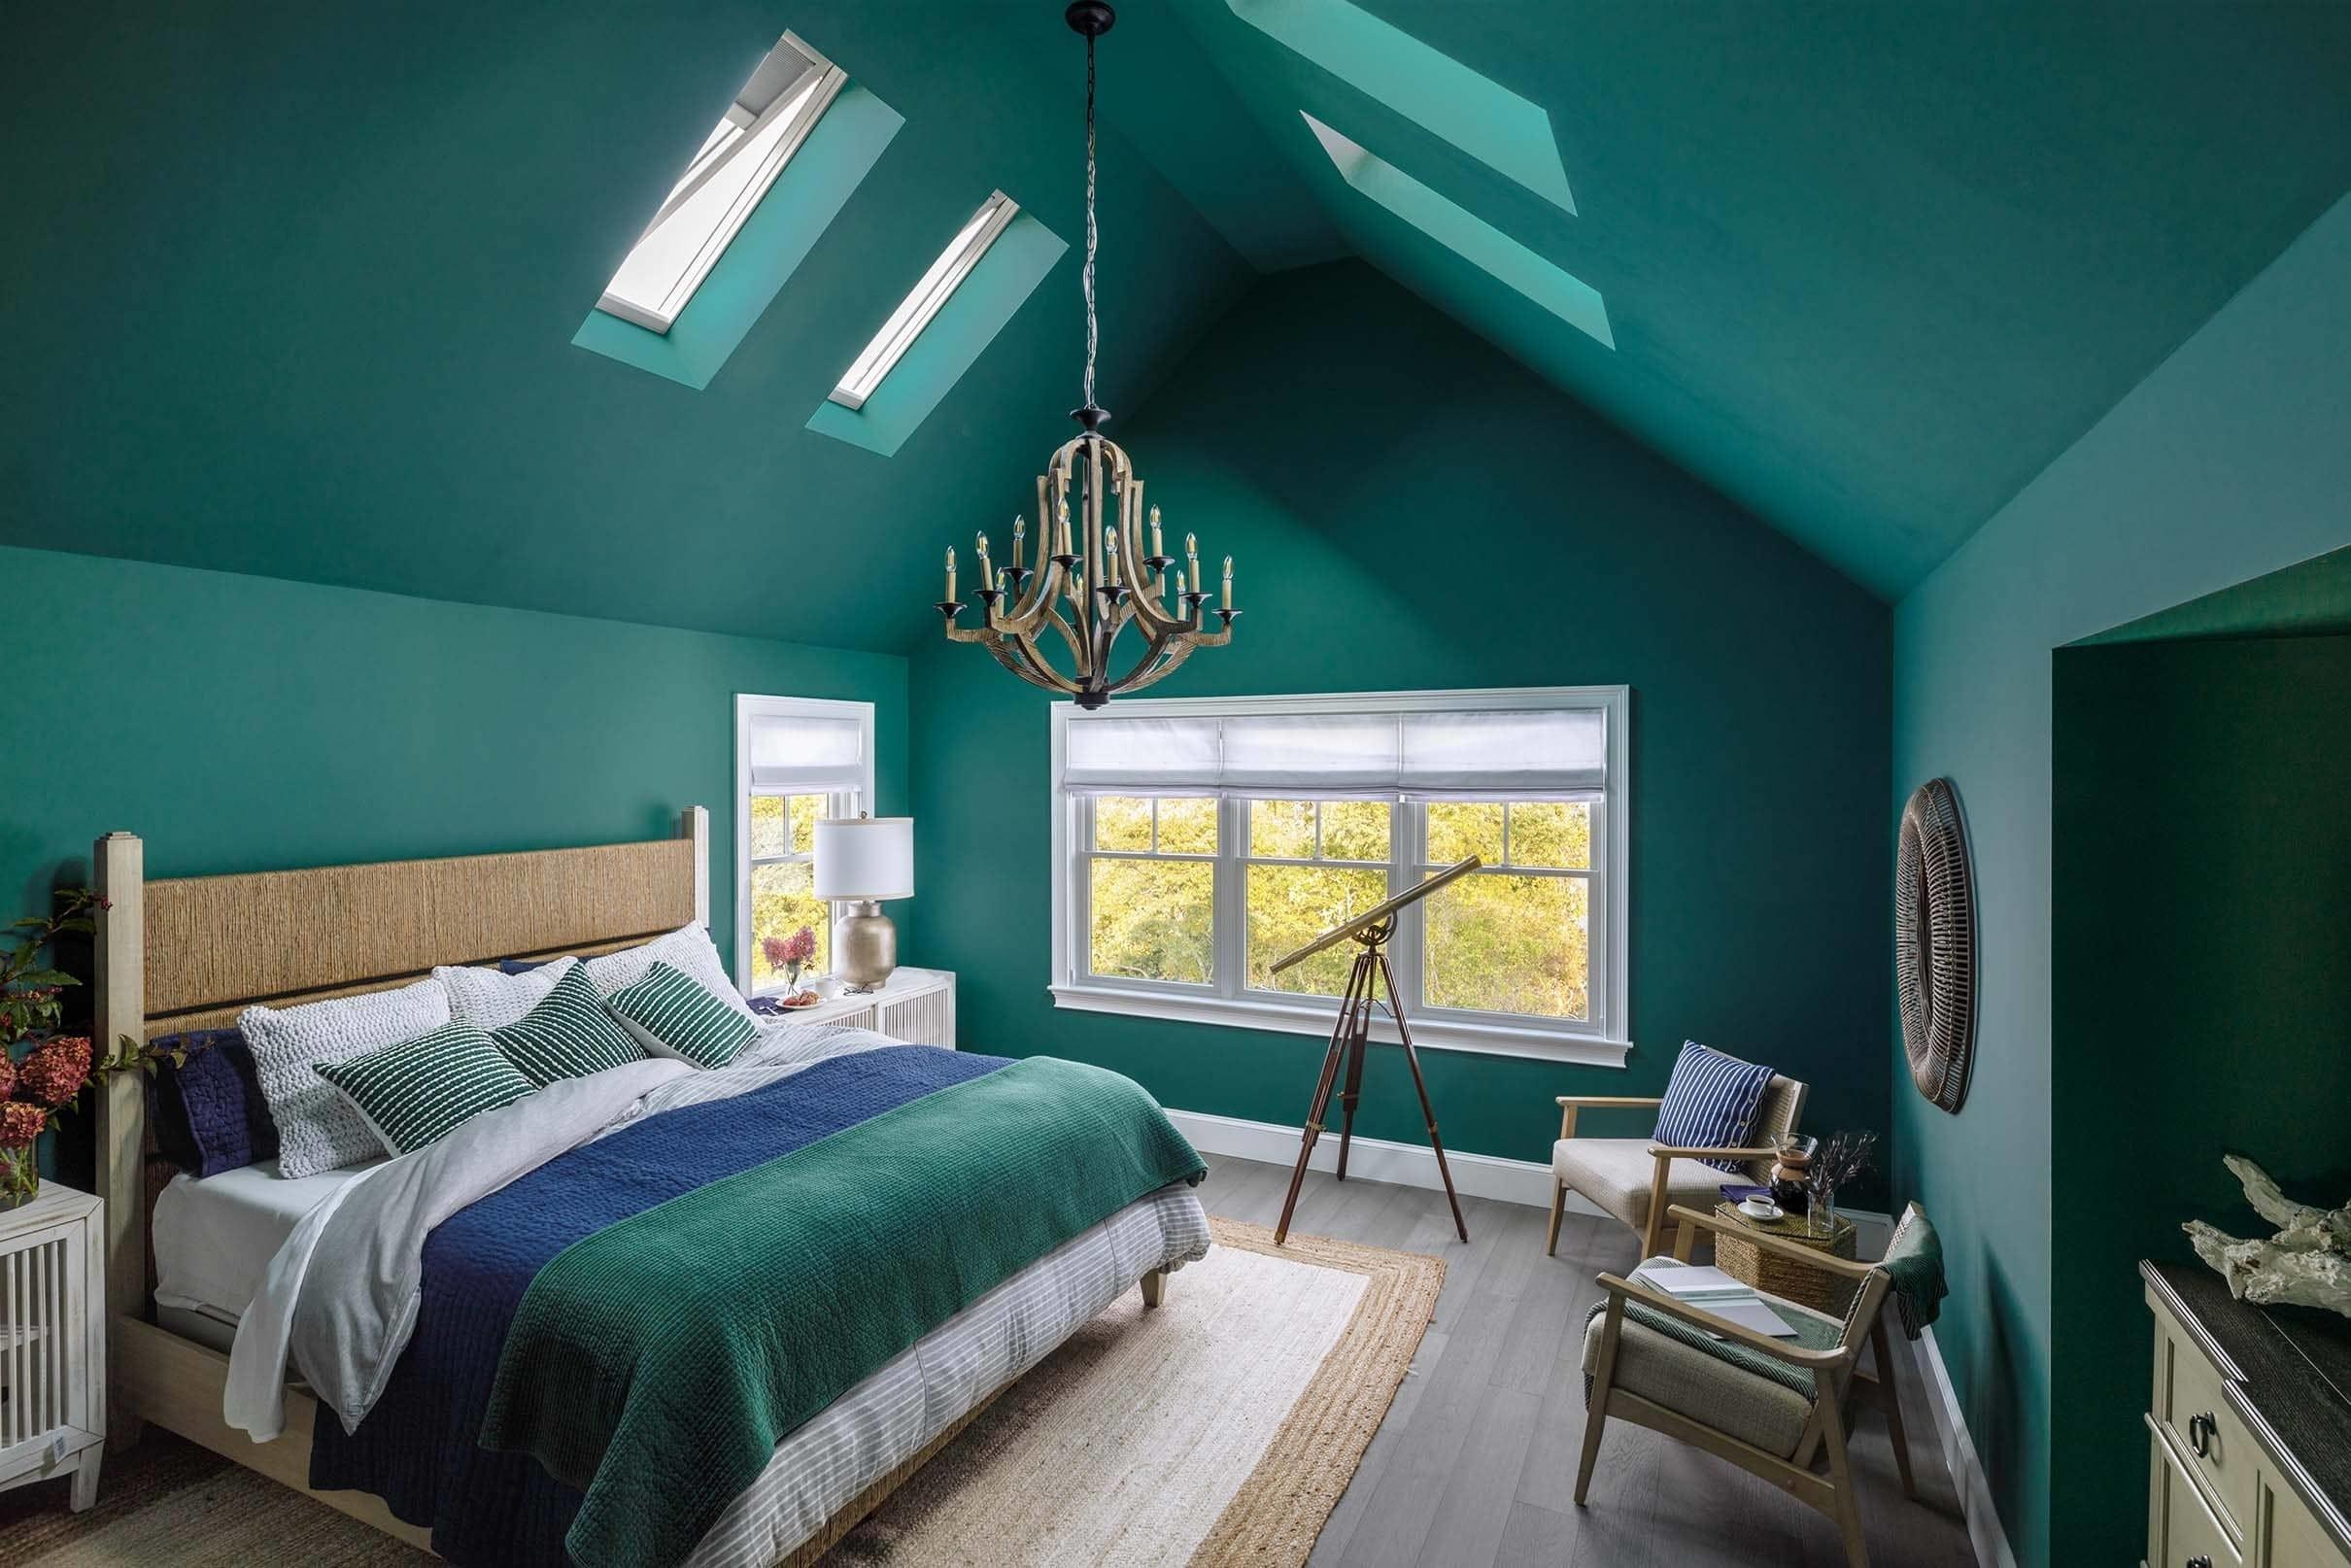 green bedroom skylights sisal headboard